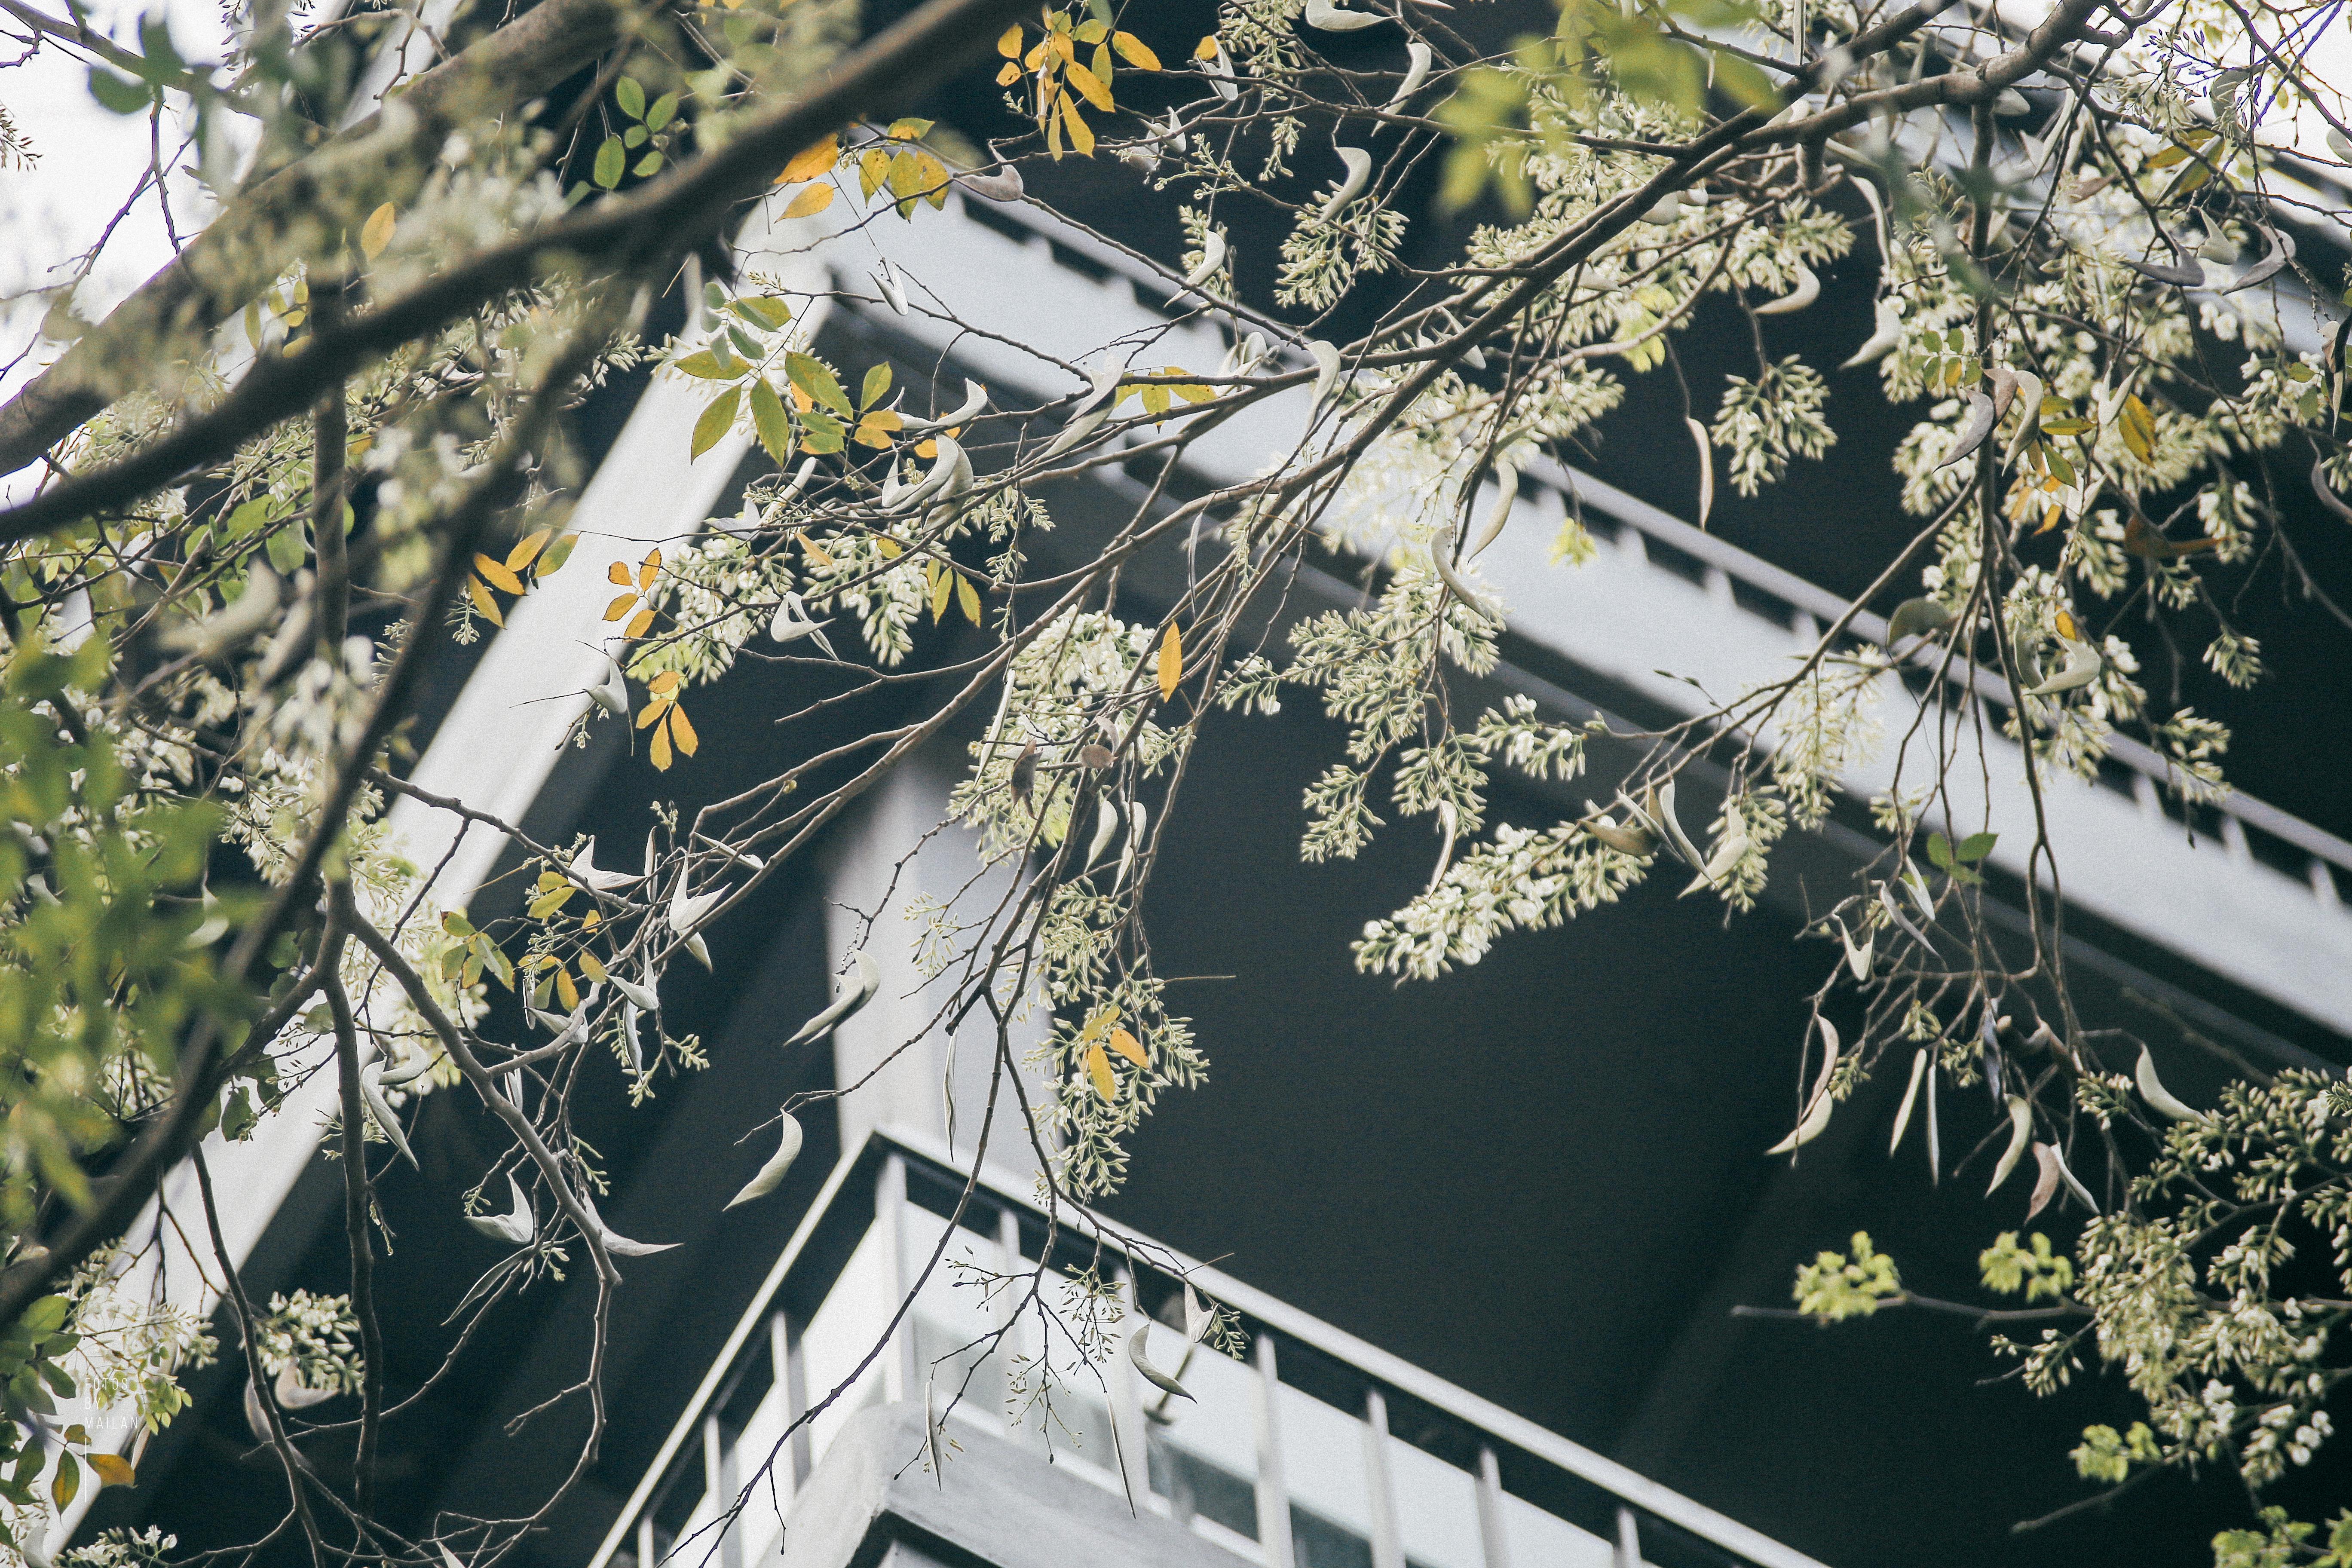 Hoa sưa nở rồi, tiết trời nồm ẩm tháng 3 của Hà Nội cũng vì thế mà dịu dàng hơn... - Ảnh 2.